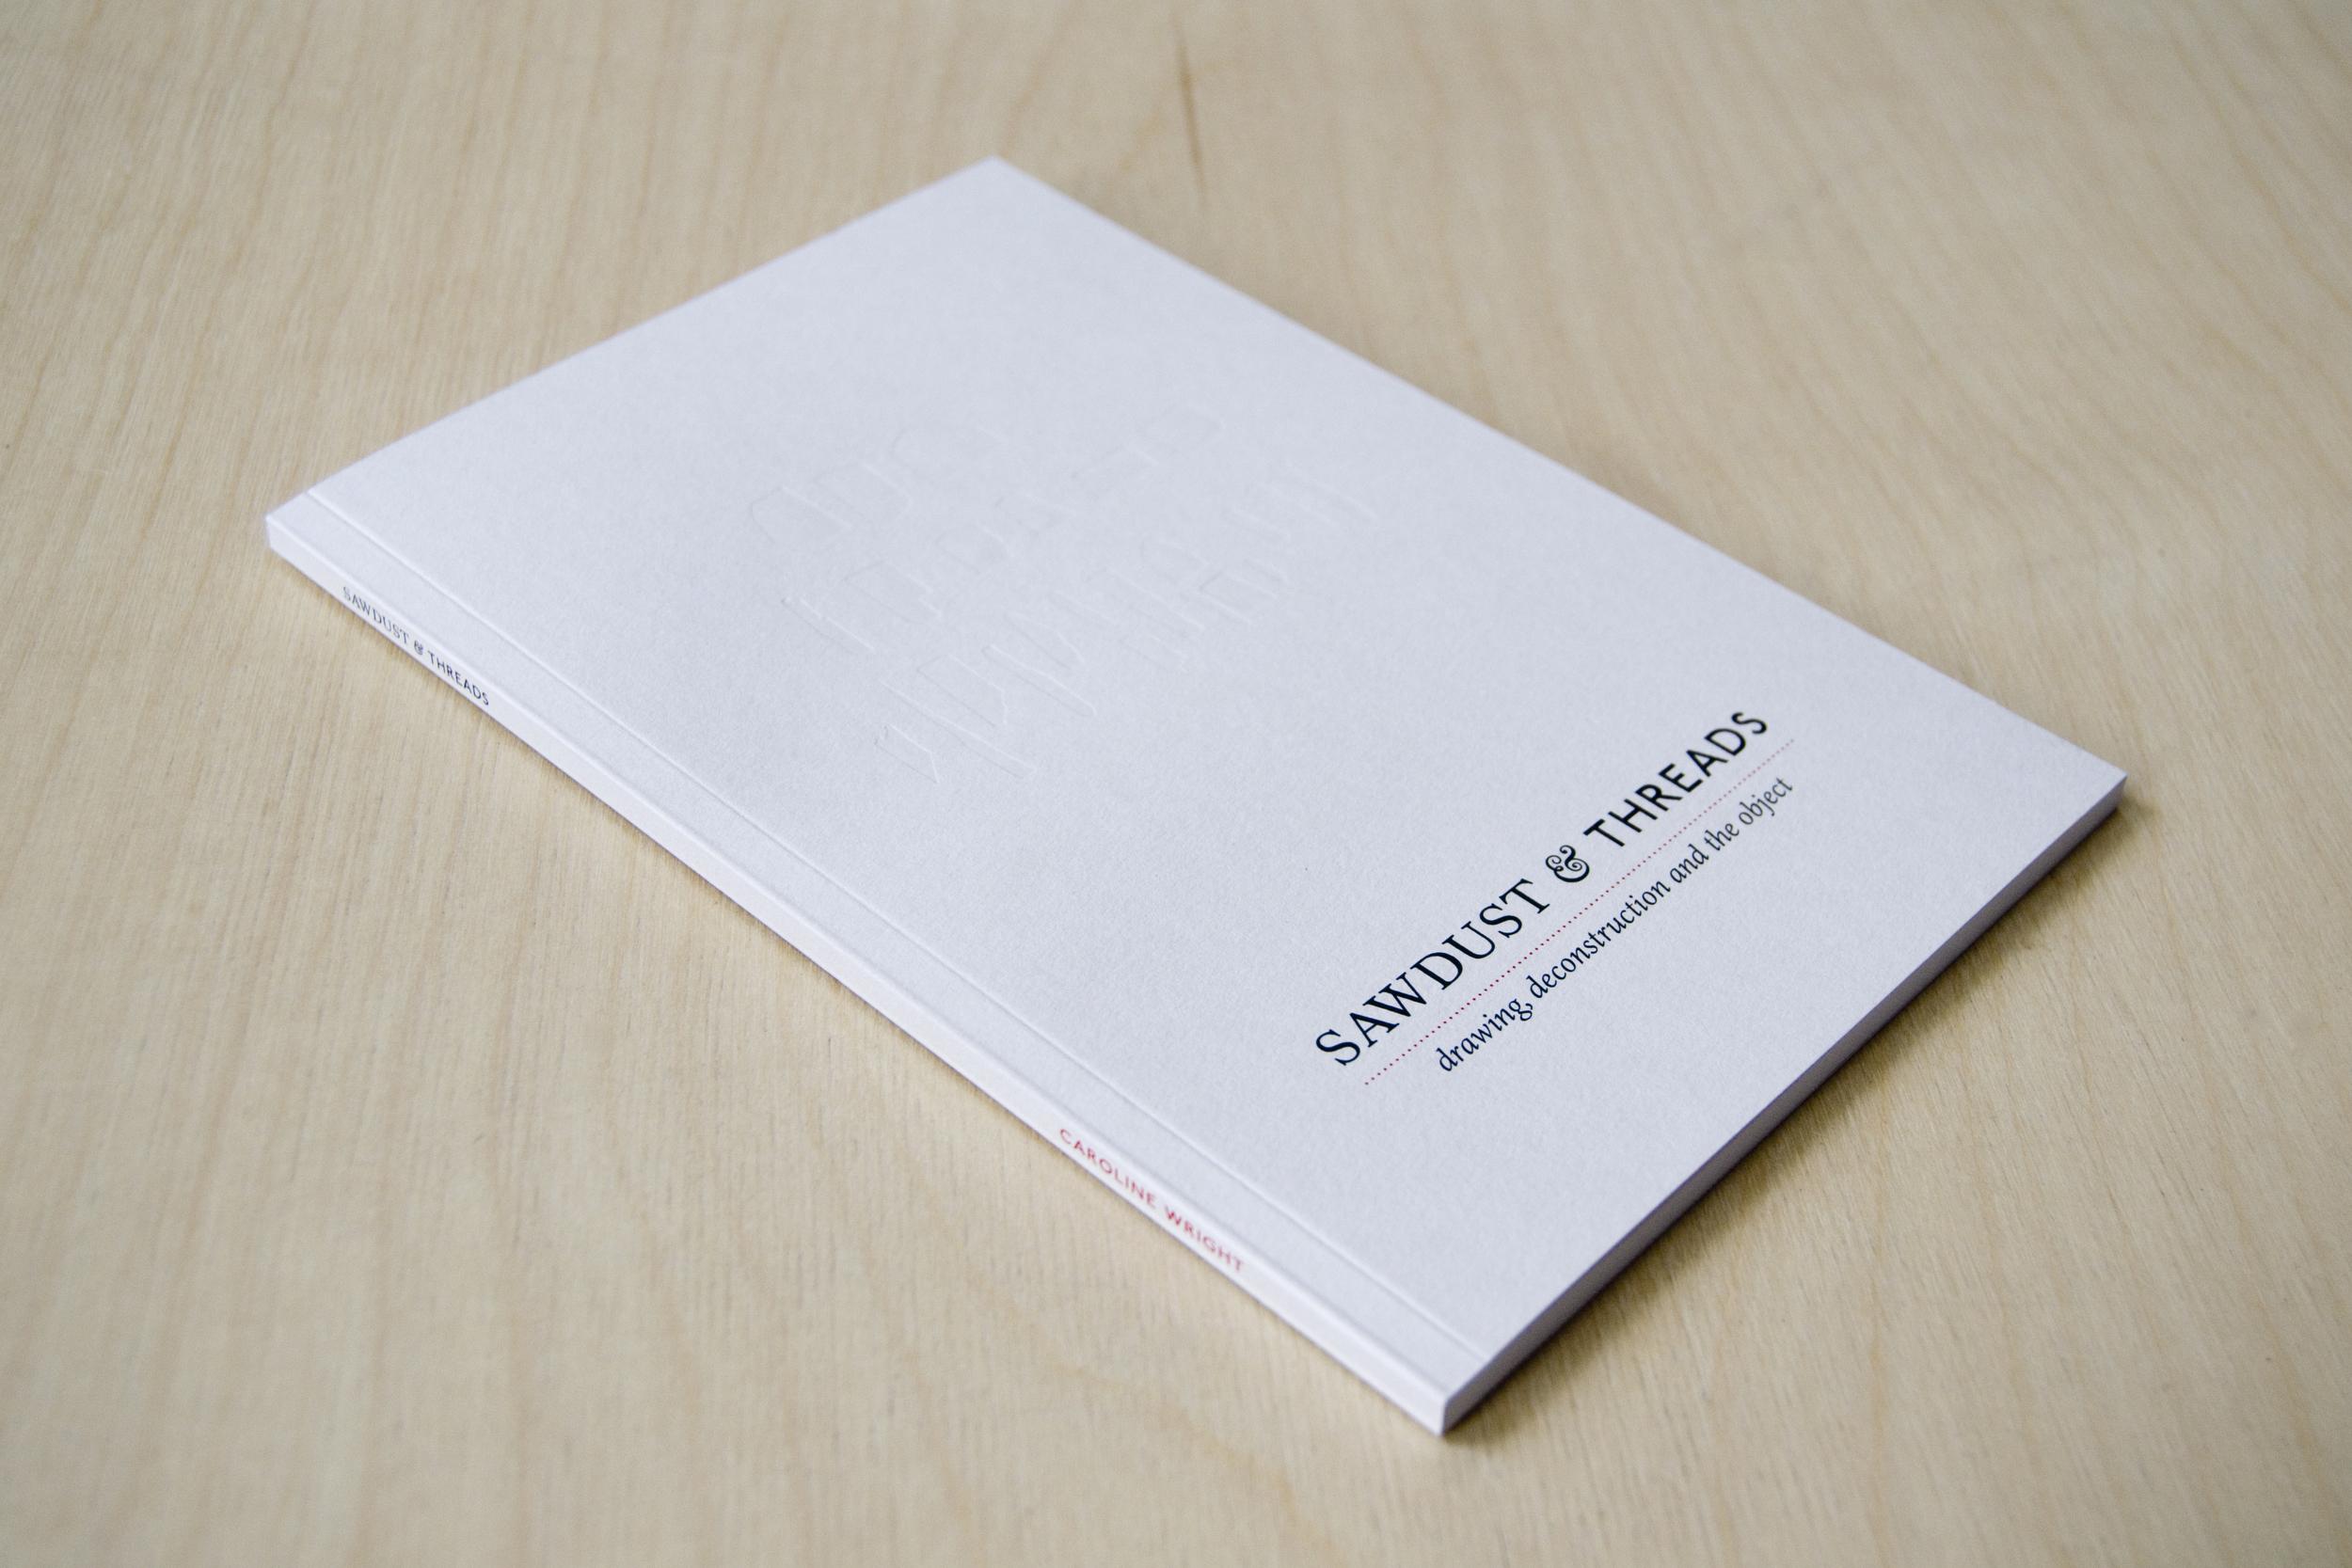 sawdust-threads-book-01a.jpg